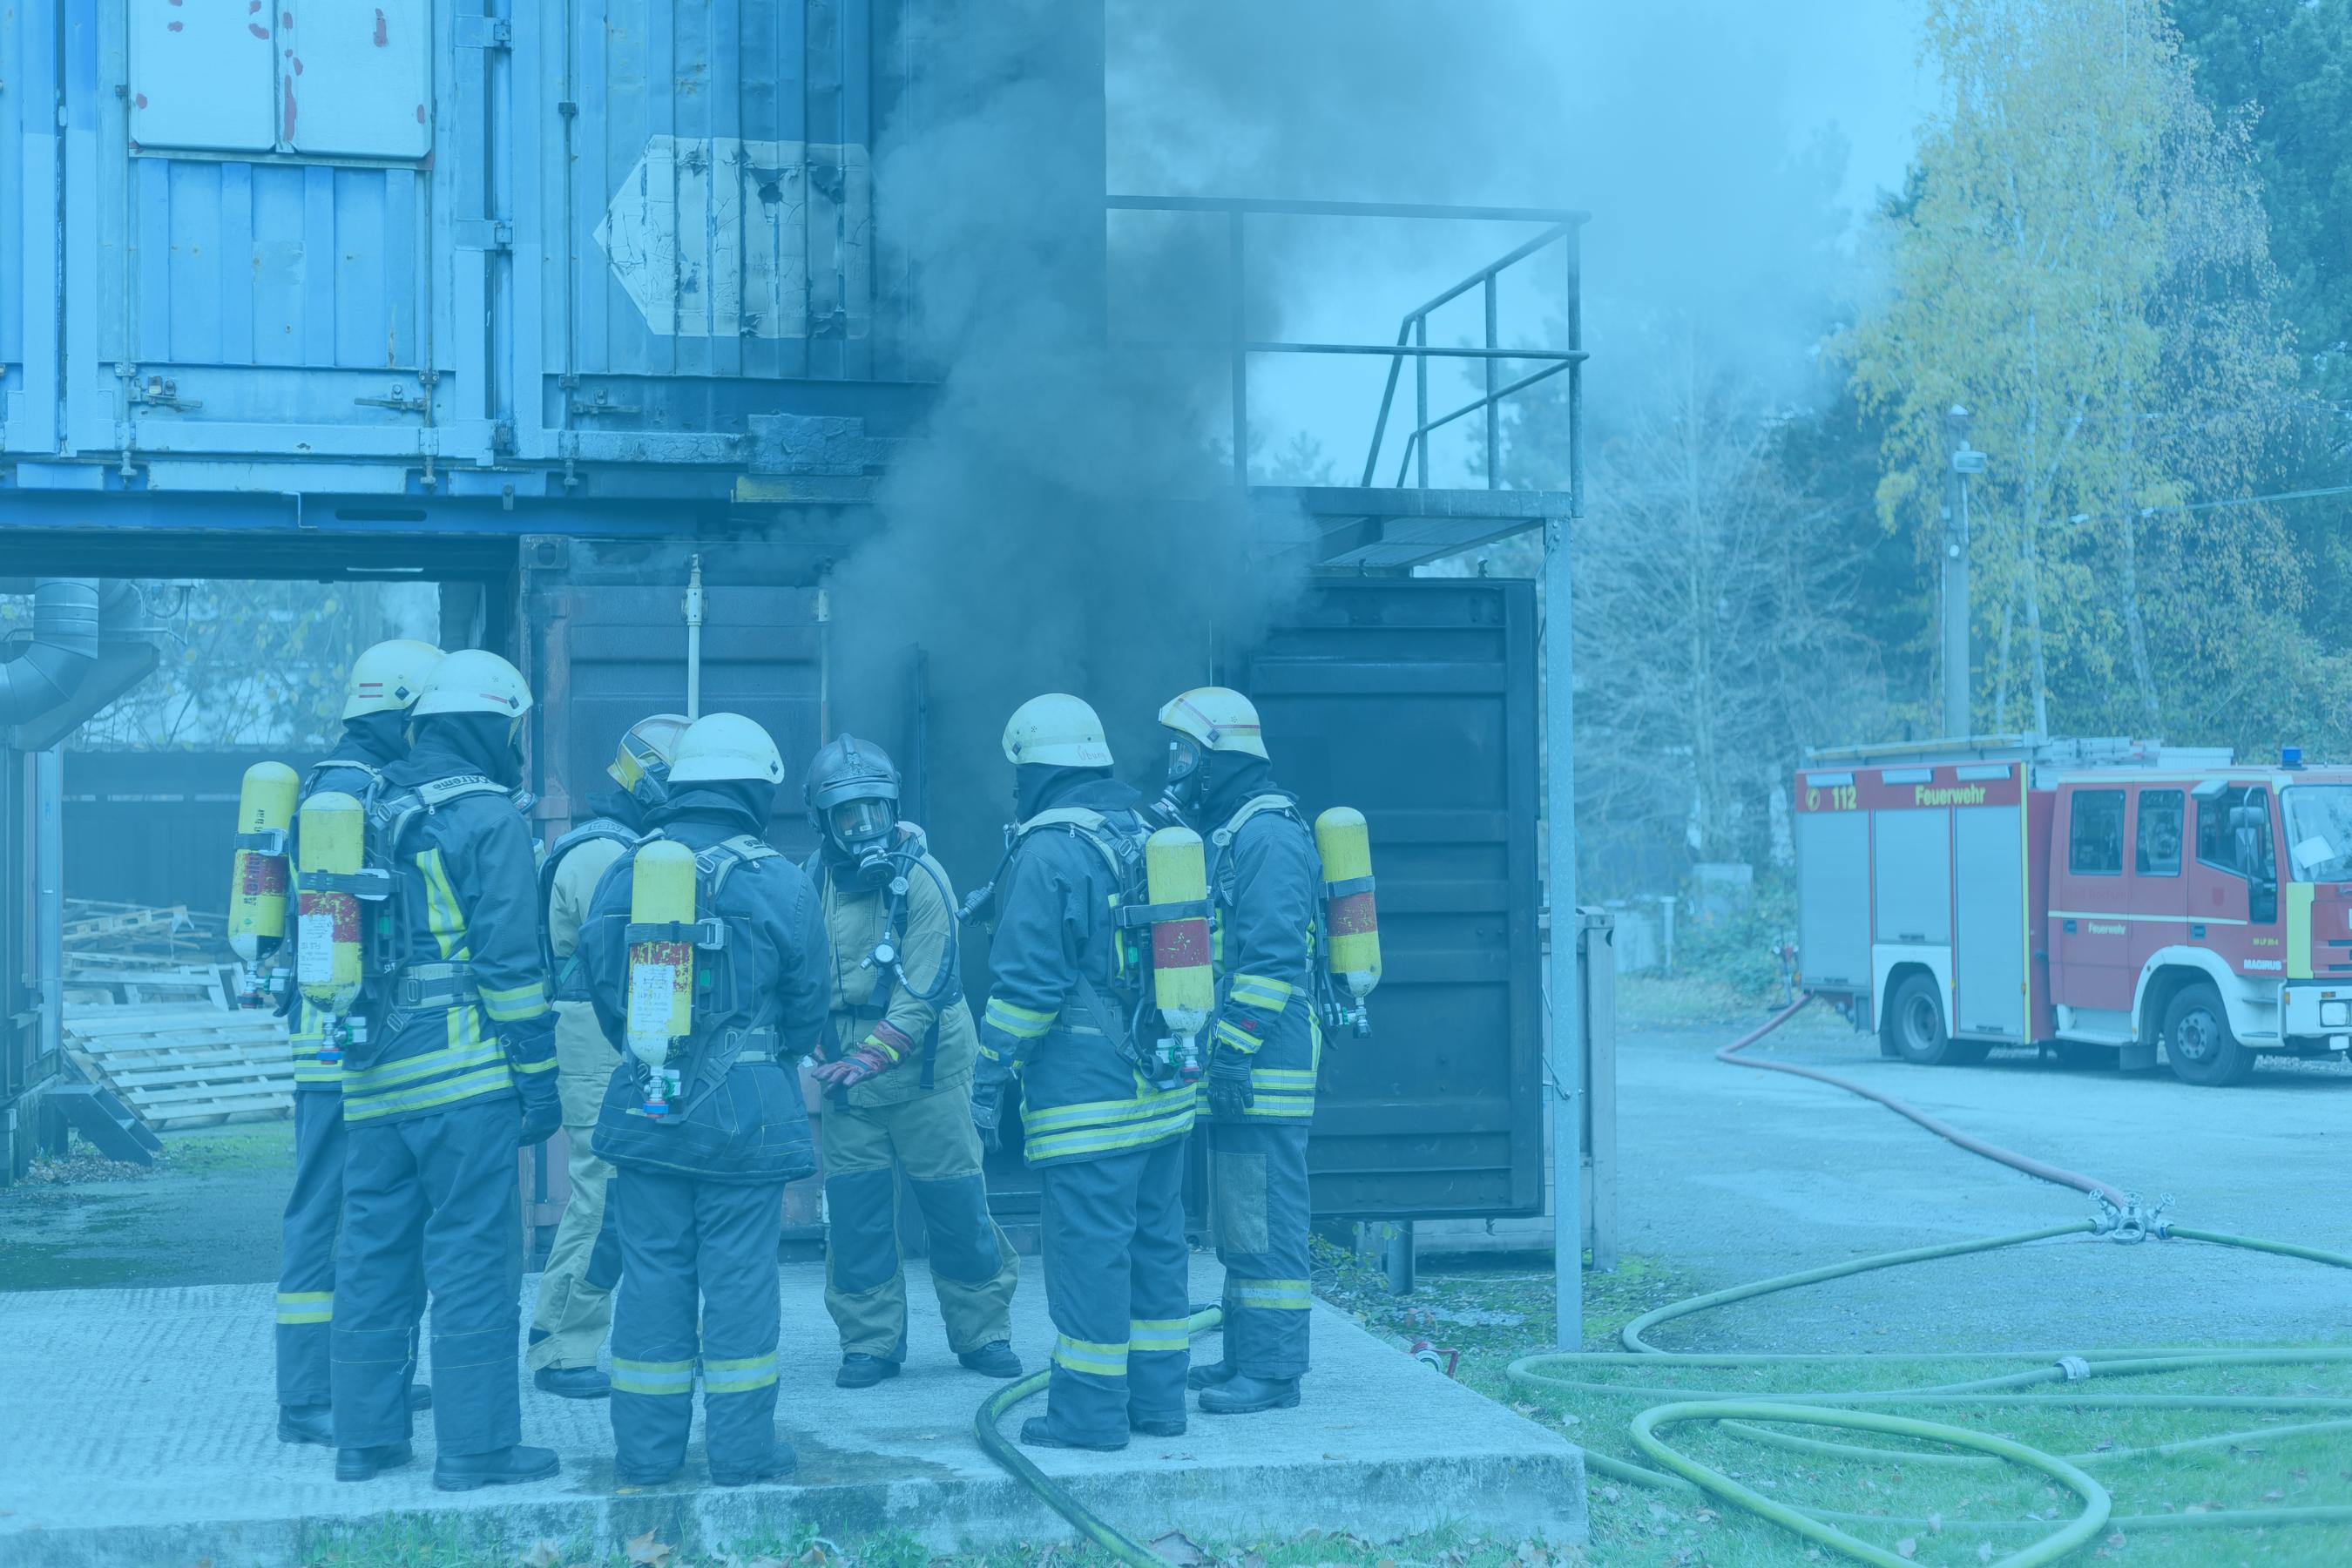 Brandmeisteranwärter  /in- Einstellung zum 01.04.2022